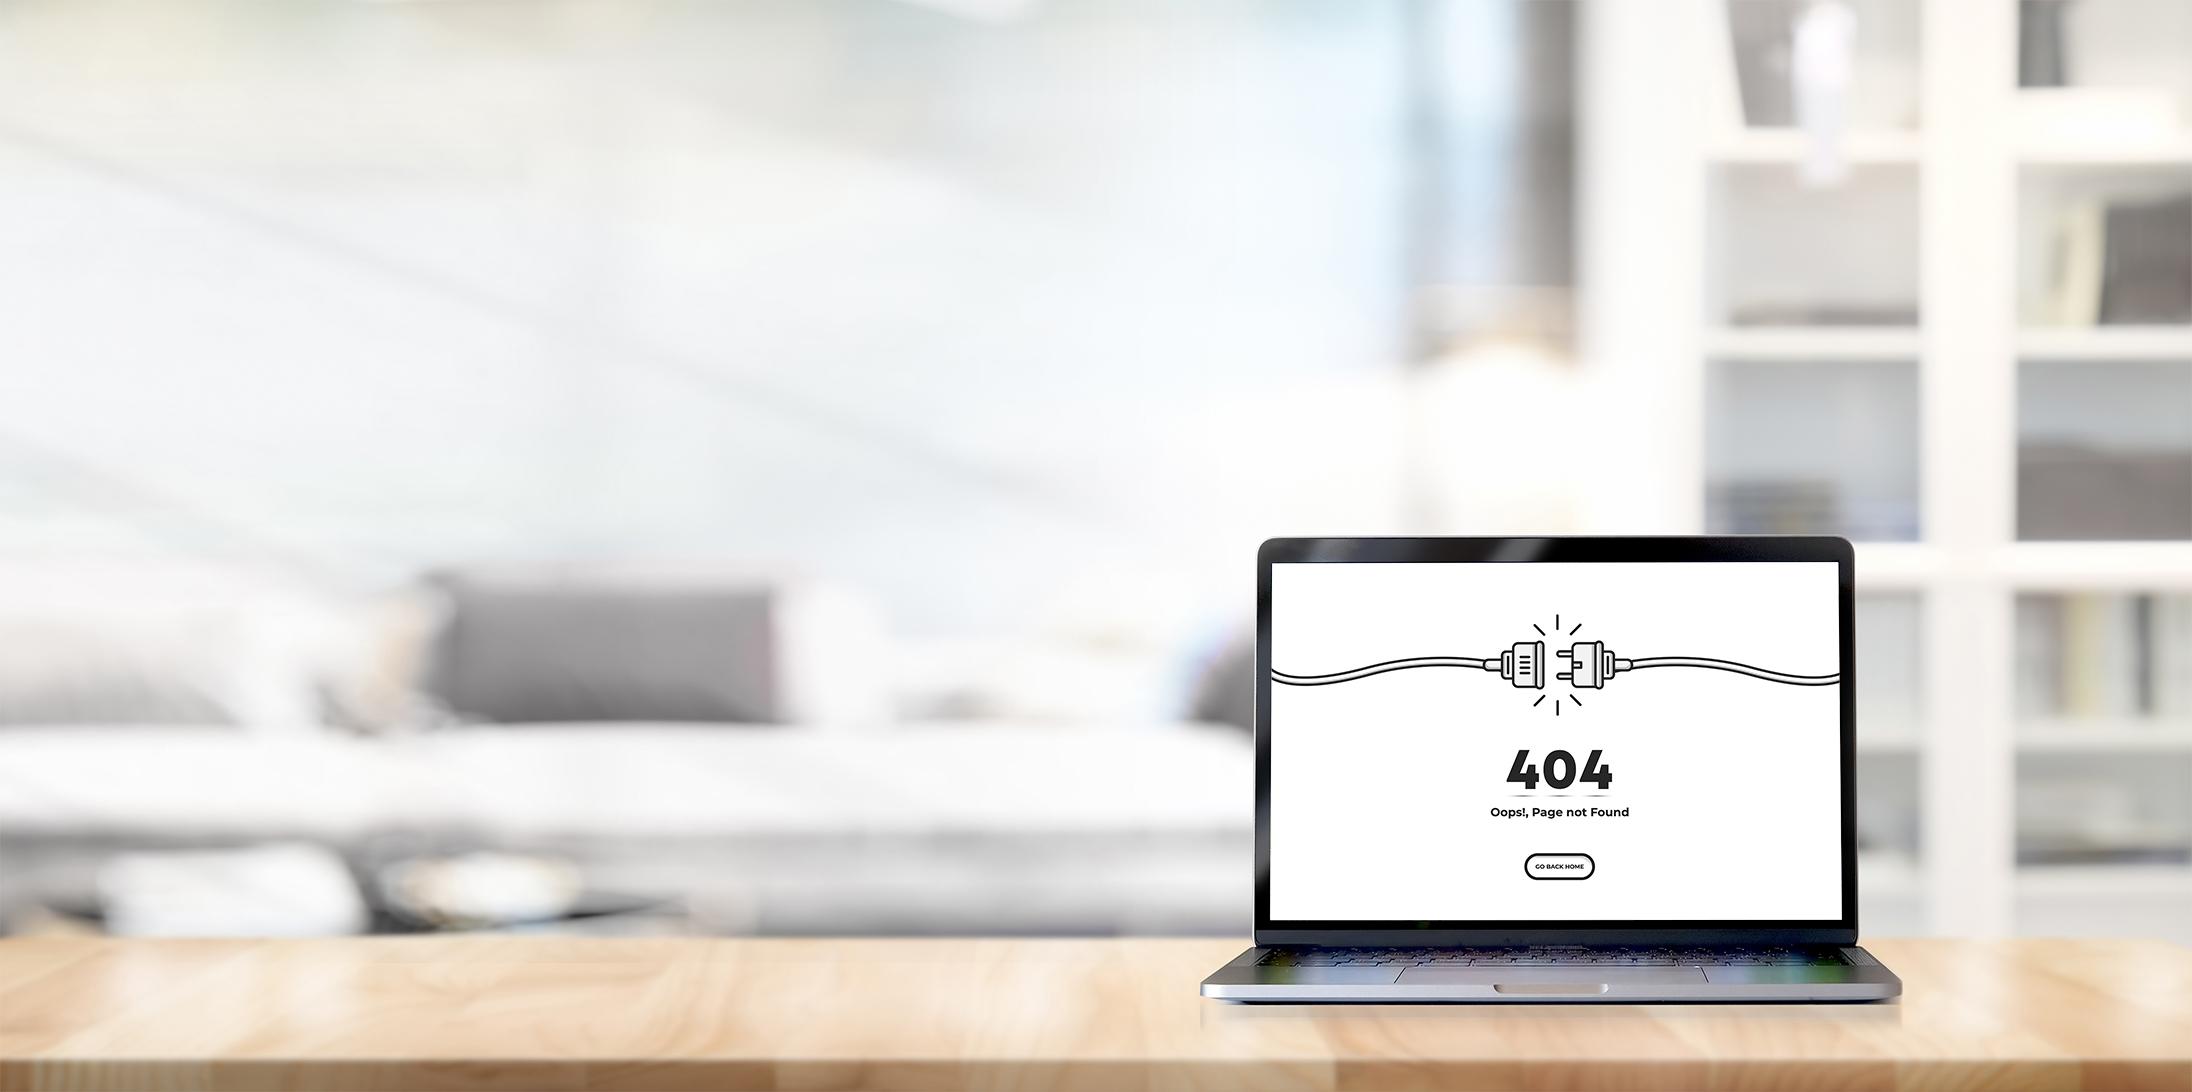 How to Analyze Website Performance